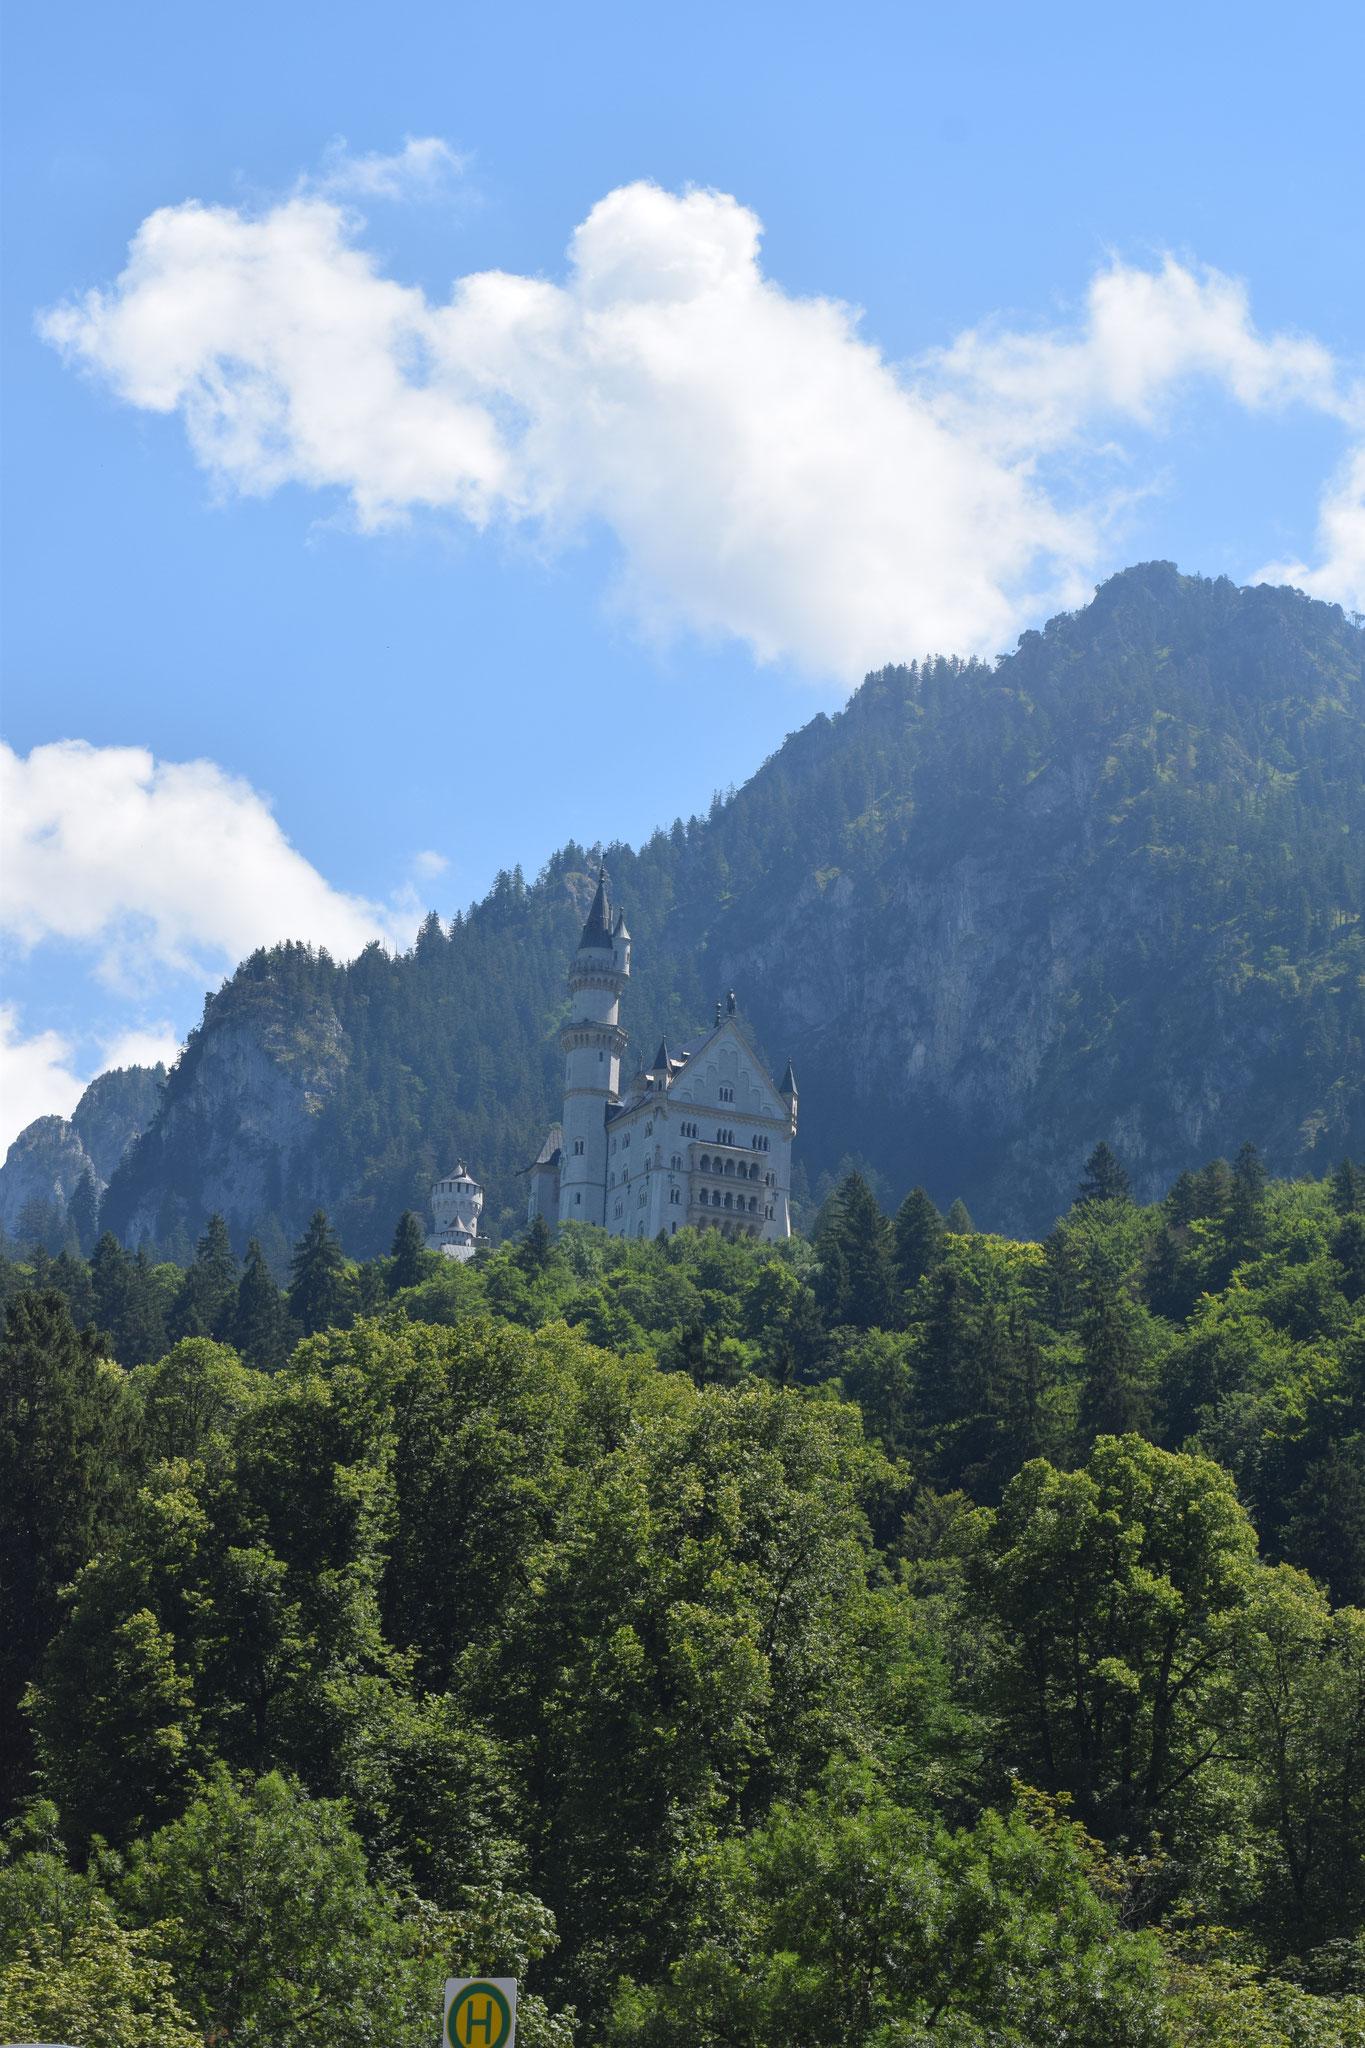 Meine Sommerferien im Allgäu. Mit Badespaß, Bergwanderungen und Schloss Neuschwanstein in Füssen.